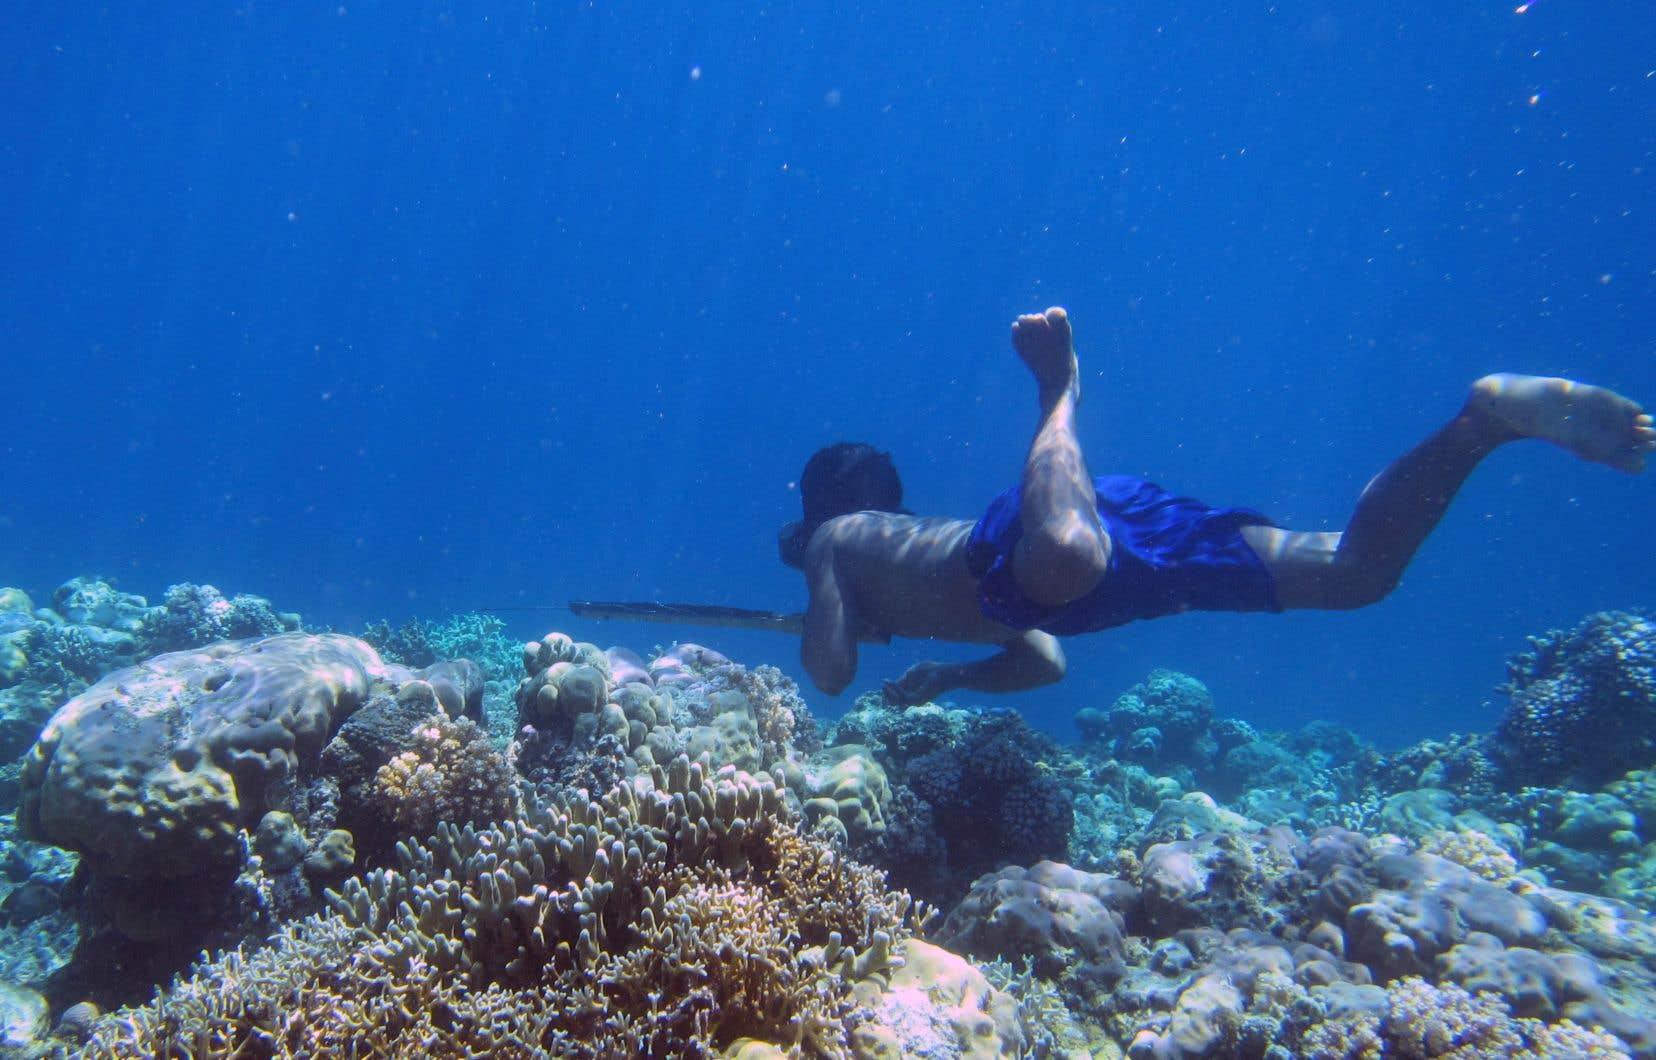 Des chercheurs ont repéré chez un peuple de marins de l'Asie du Sud-Est une adaptation biologique qui leur permet une meilleure répartition du sang et de l'oxygène lors d'un passage prolongé sous l'eau.